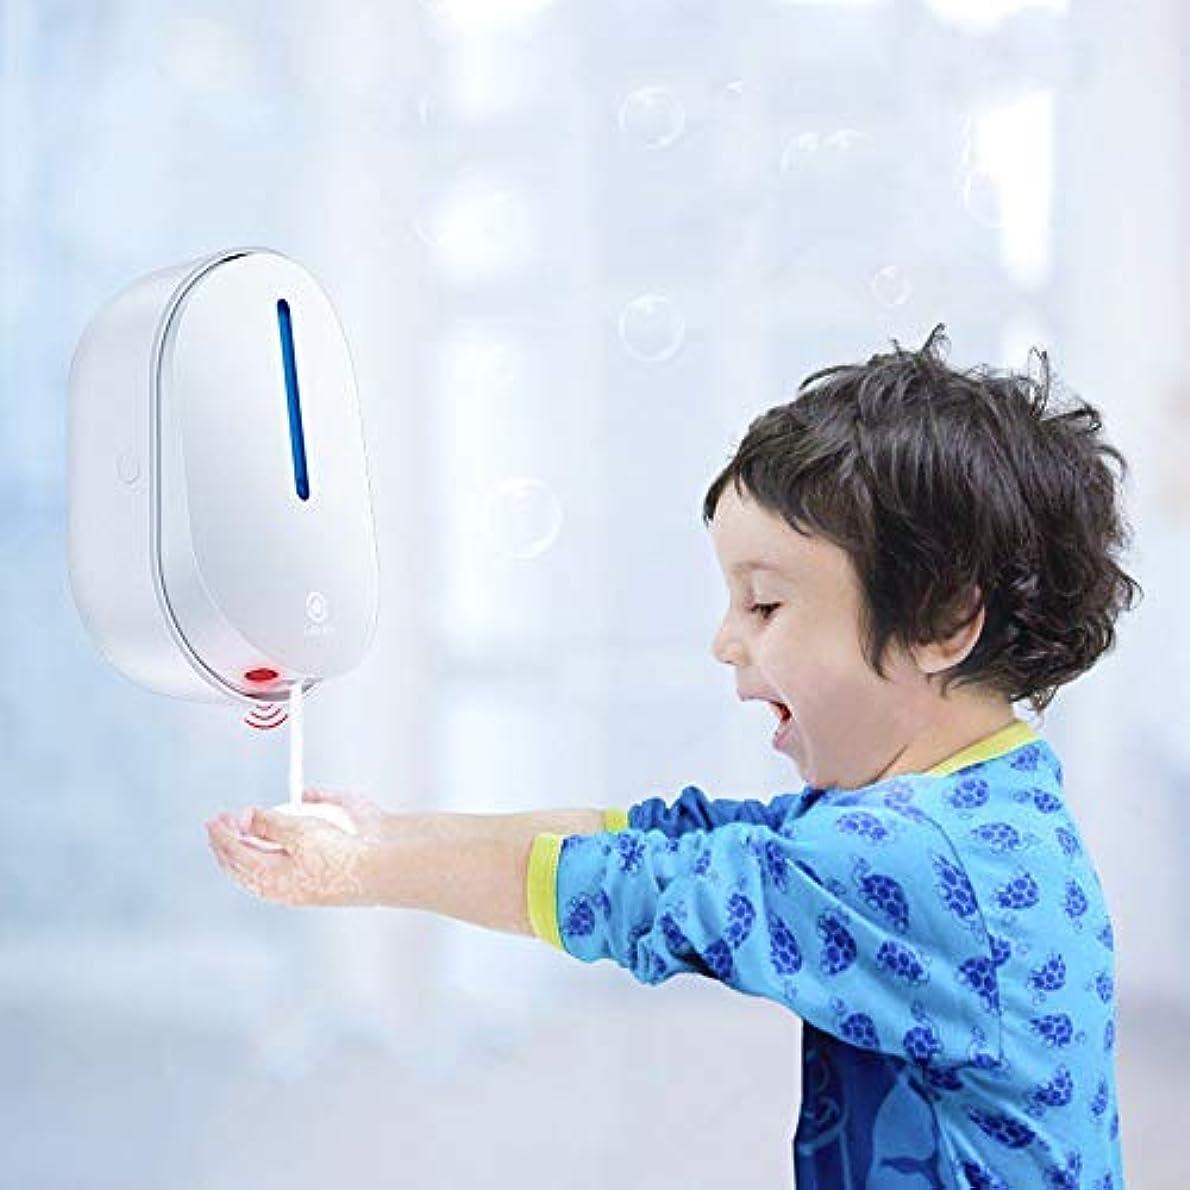 尾シーン些細ソープディスペンサー 容量500mlプレミアムタッチレスバッテリーは自動ソープディスペンサー調整可能ソープディスペンシングボリュームコントロールダイヤル運営しました ハンドソープ 食器用洗剤 キッチン 洗面所などに適用...